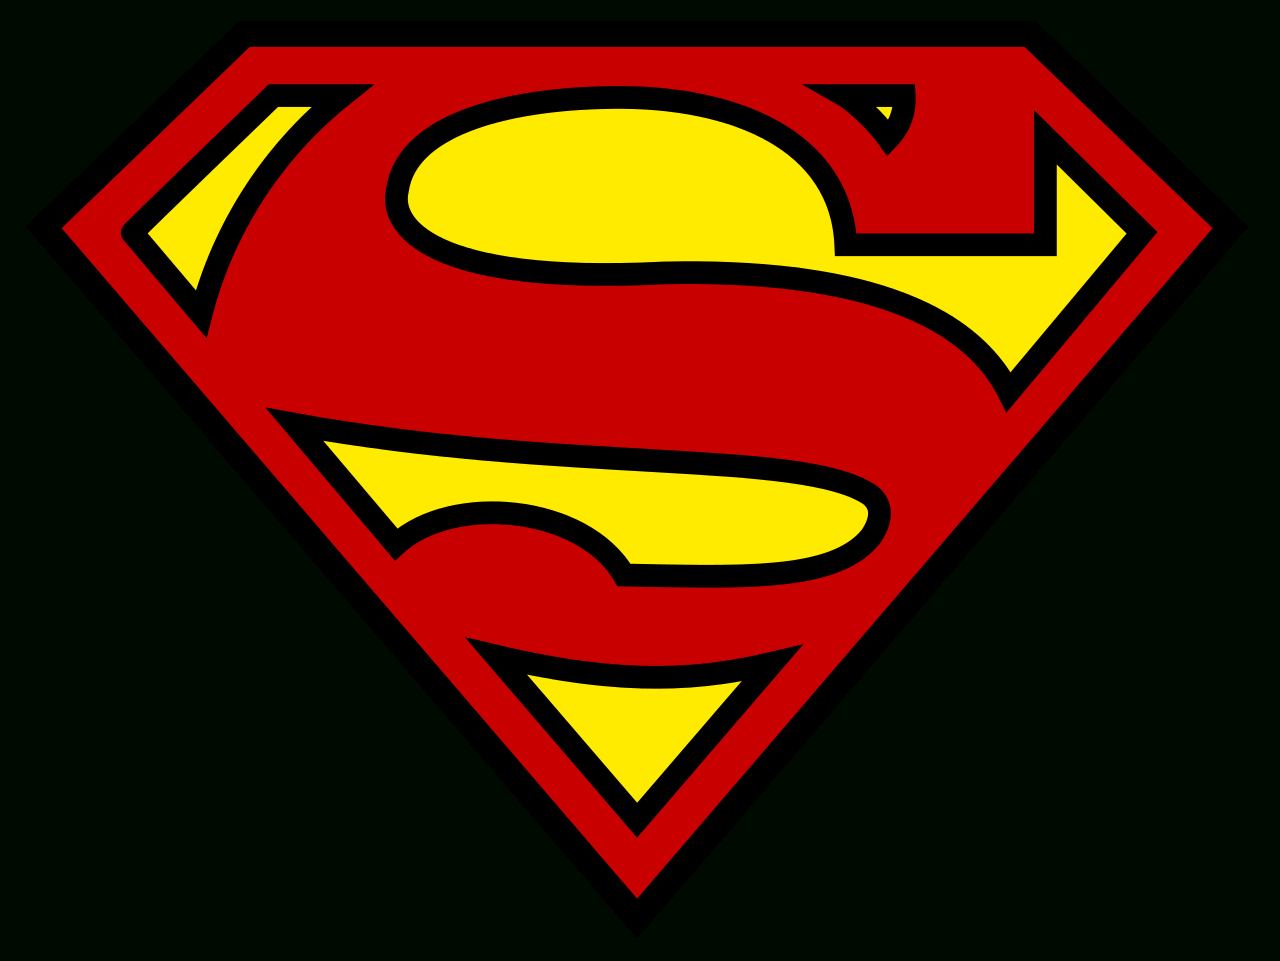 superman-zeichen als icon, schrifttyp und zum selbstzeichnen